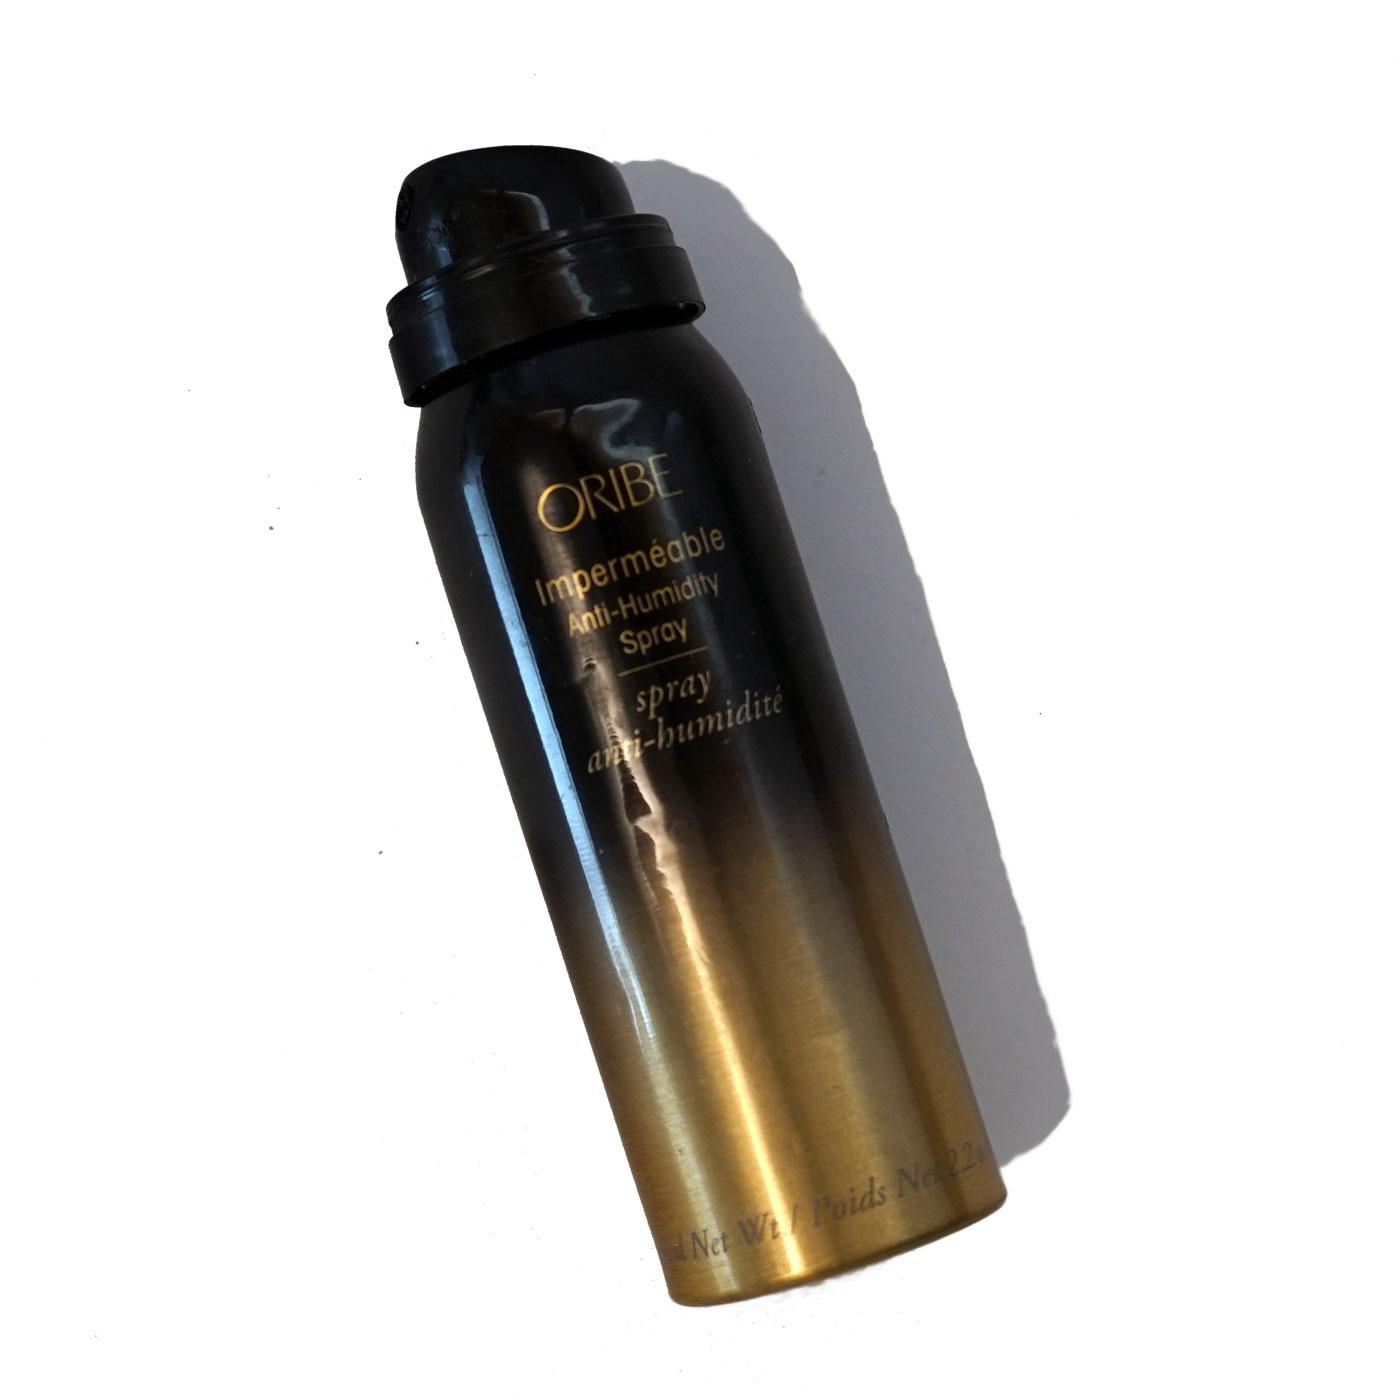 ORIBE • Anti Humidity Spray • 28 USD